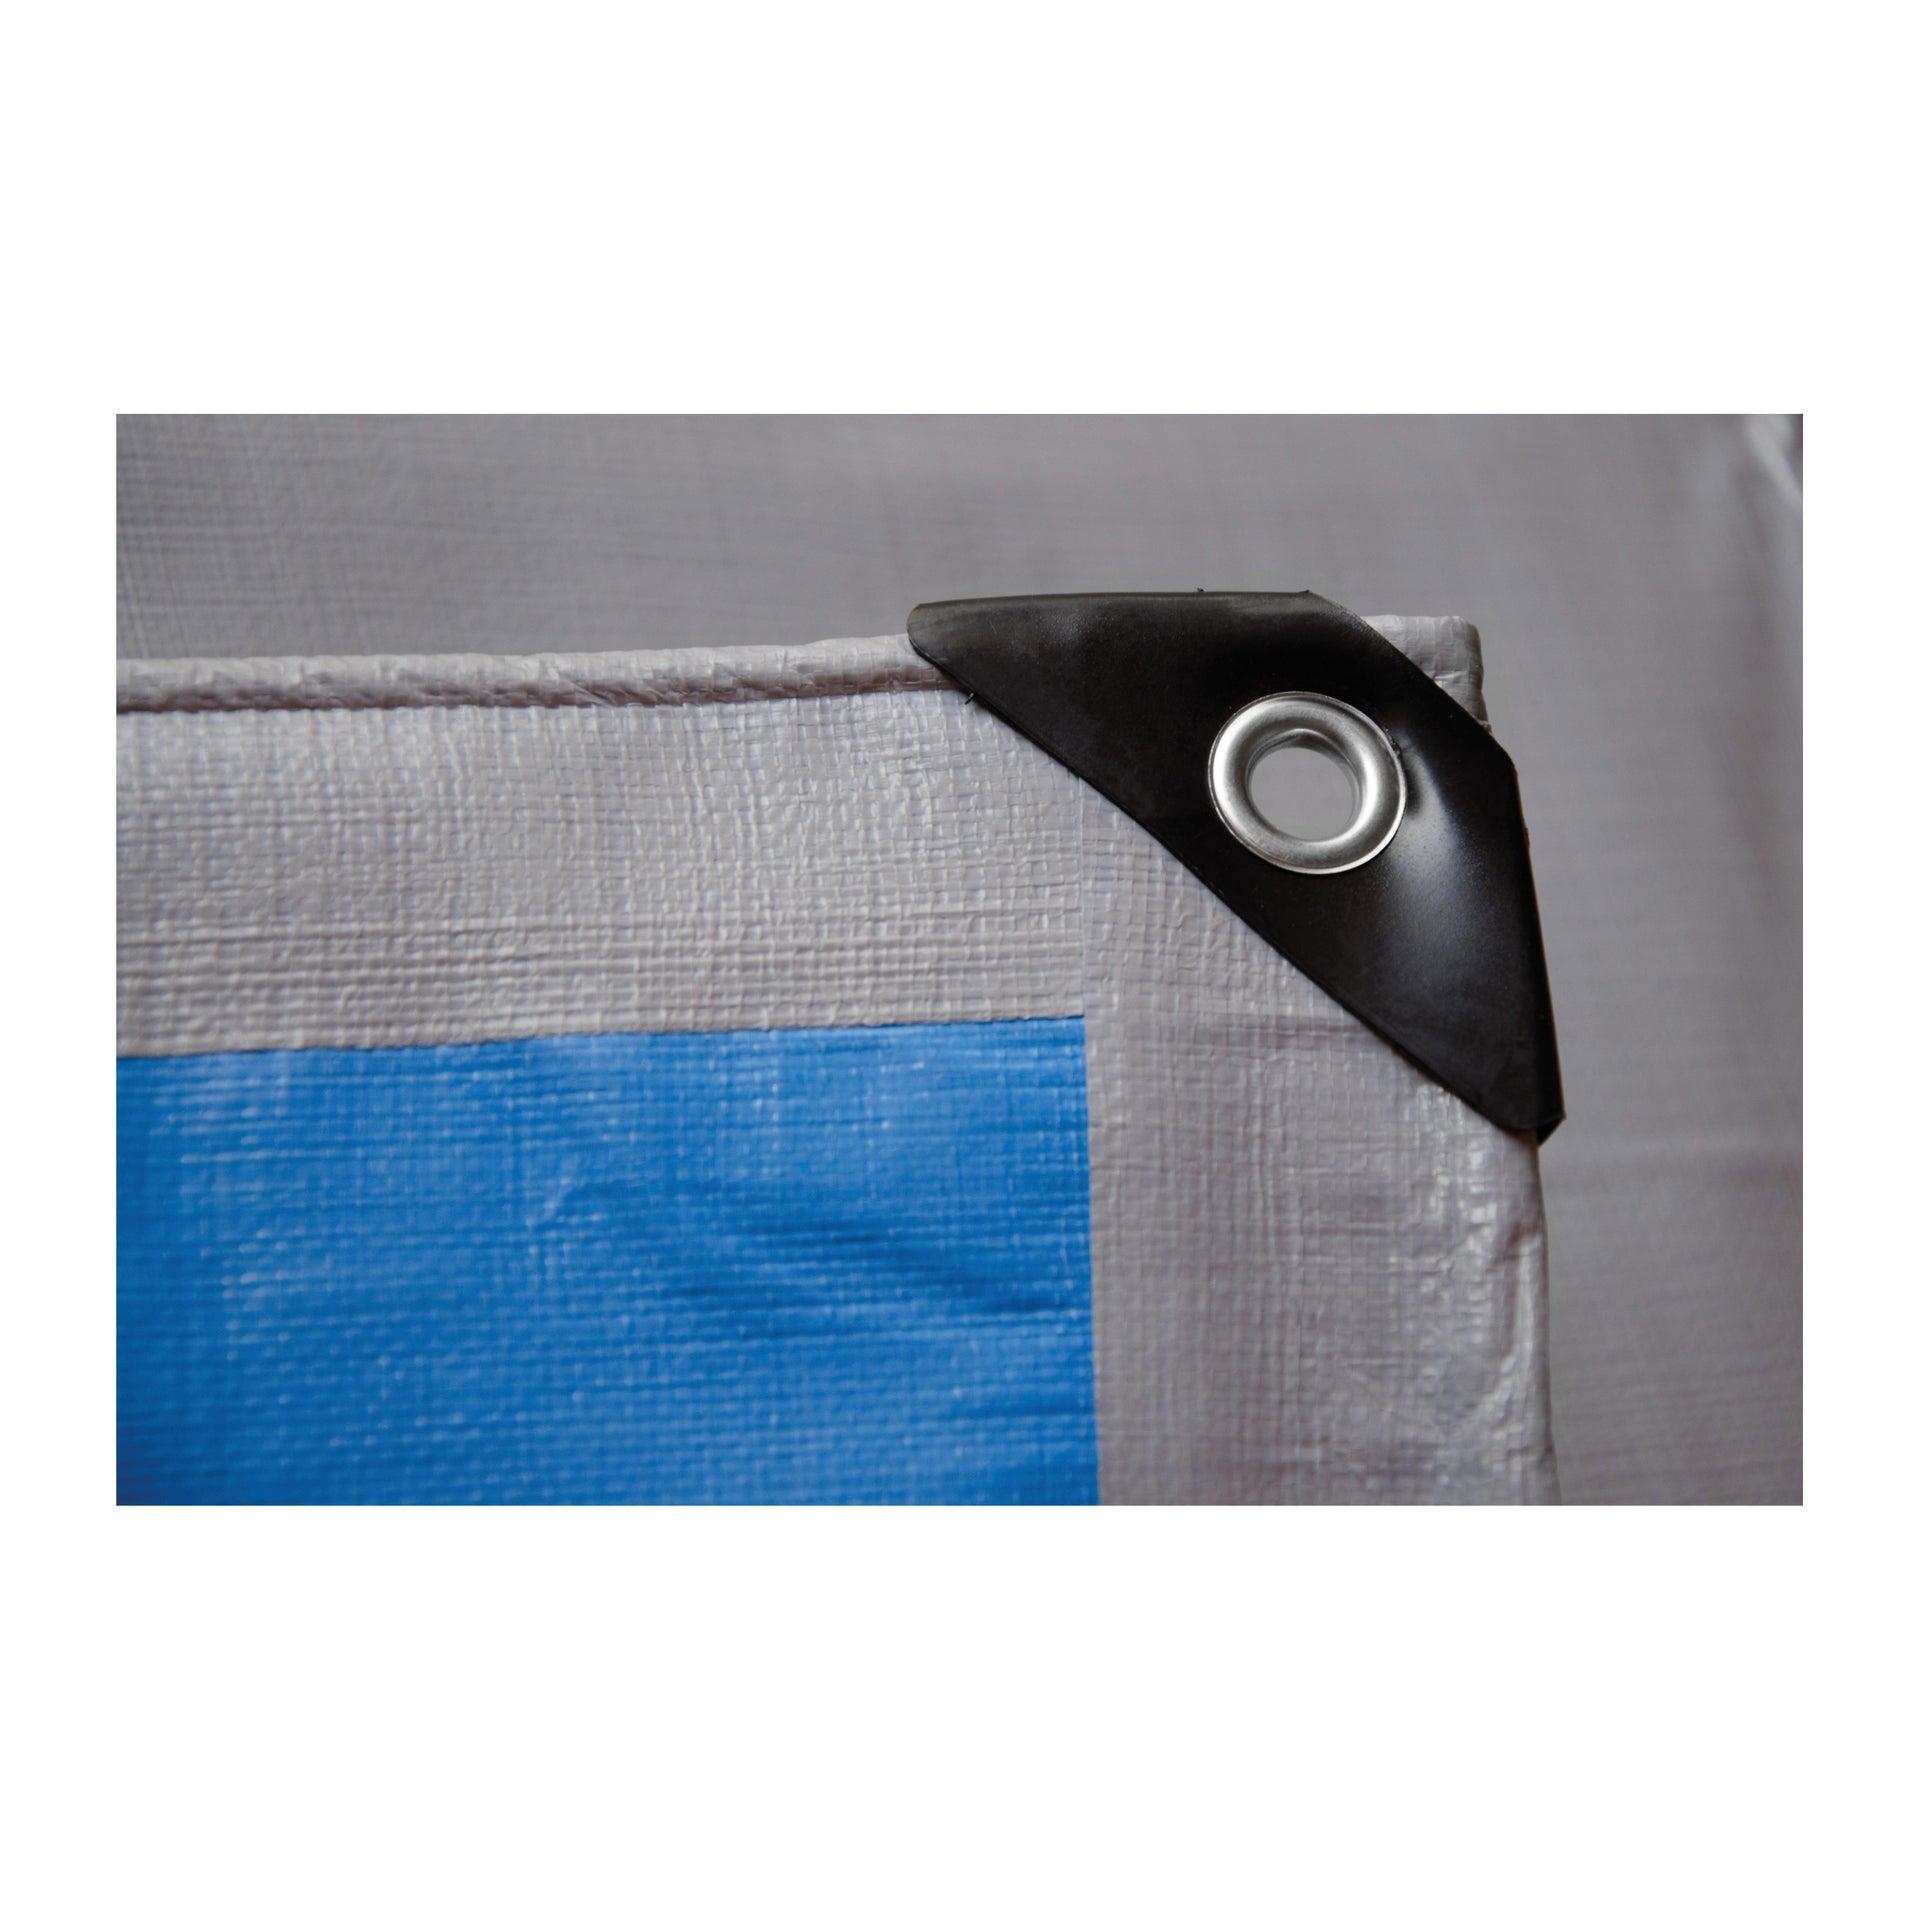 Telo protettivo in polietilene occhiellato L 5 m x H 400 cm 250 g/m² - 2